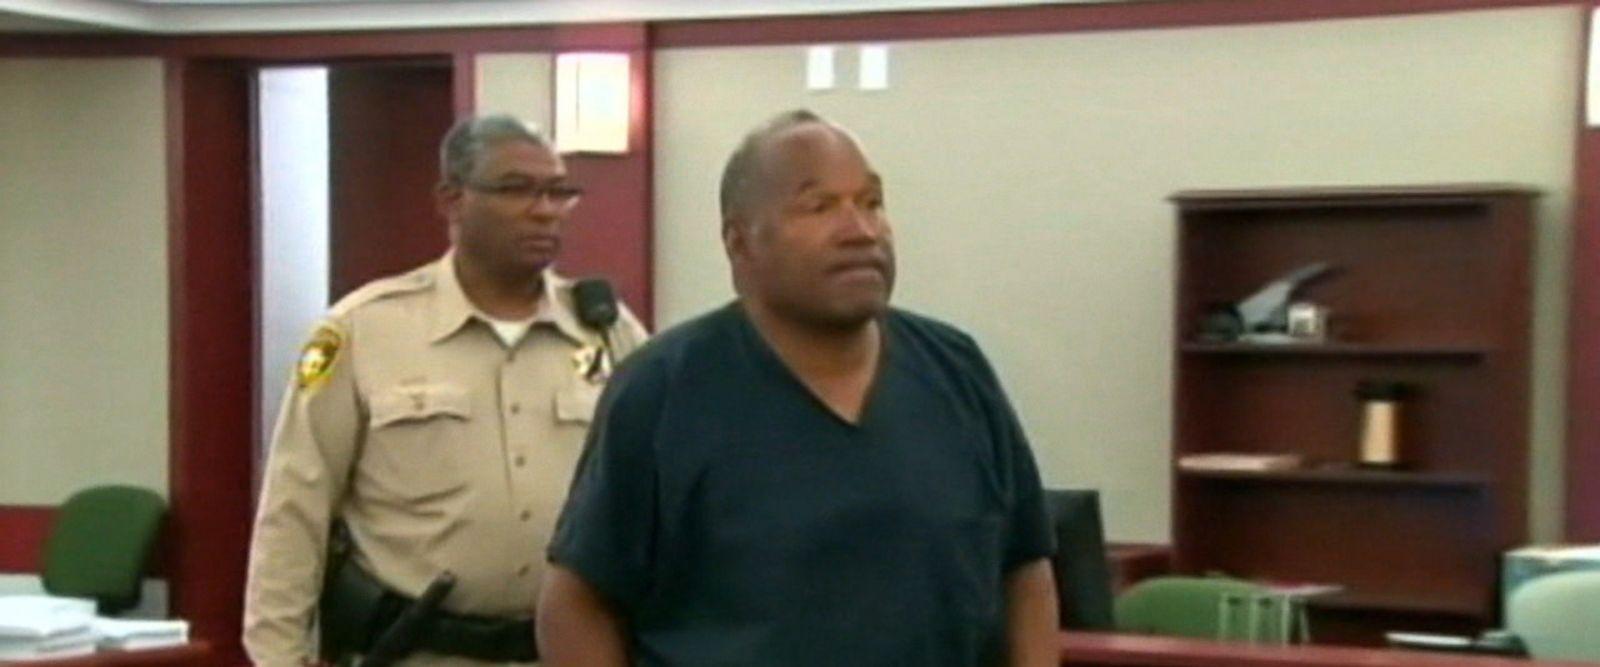 VIDEO: Will OJ Simpson be granted parole?